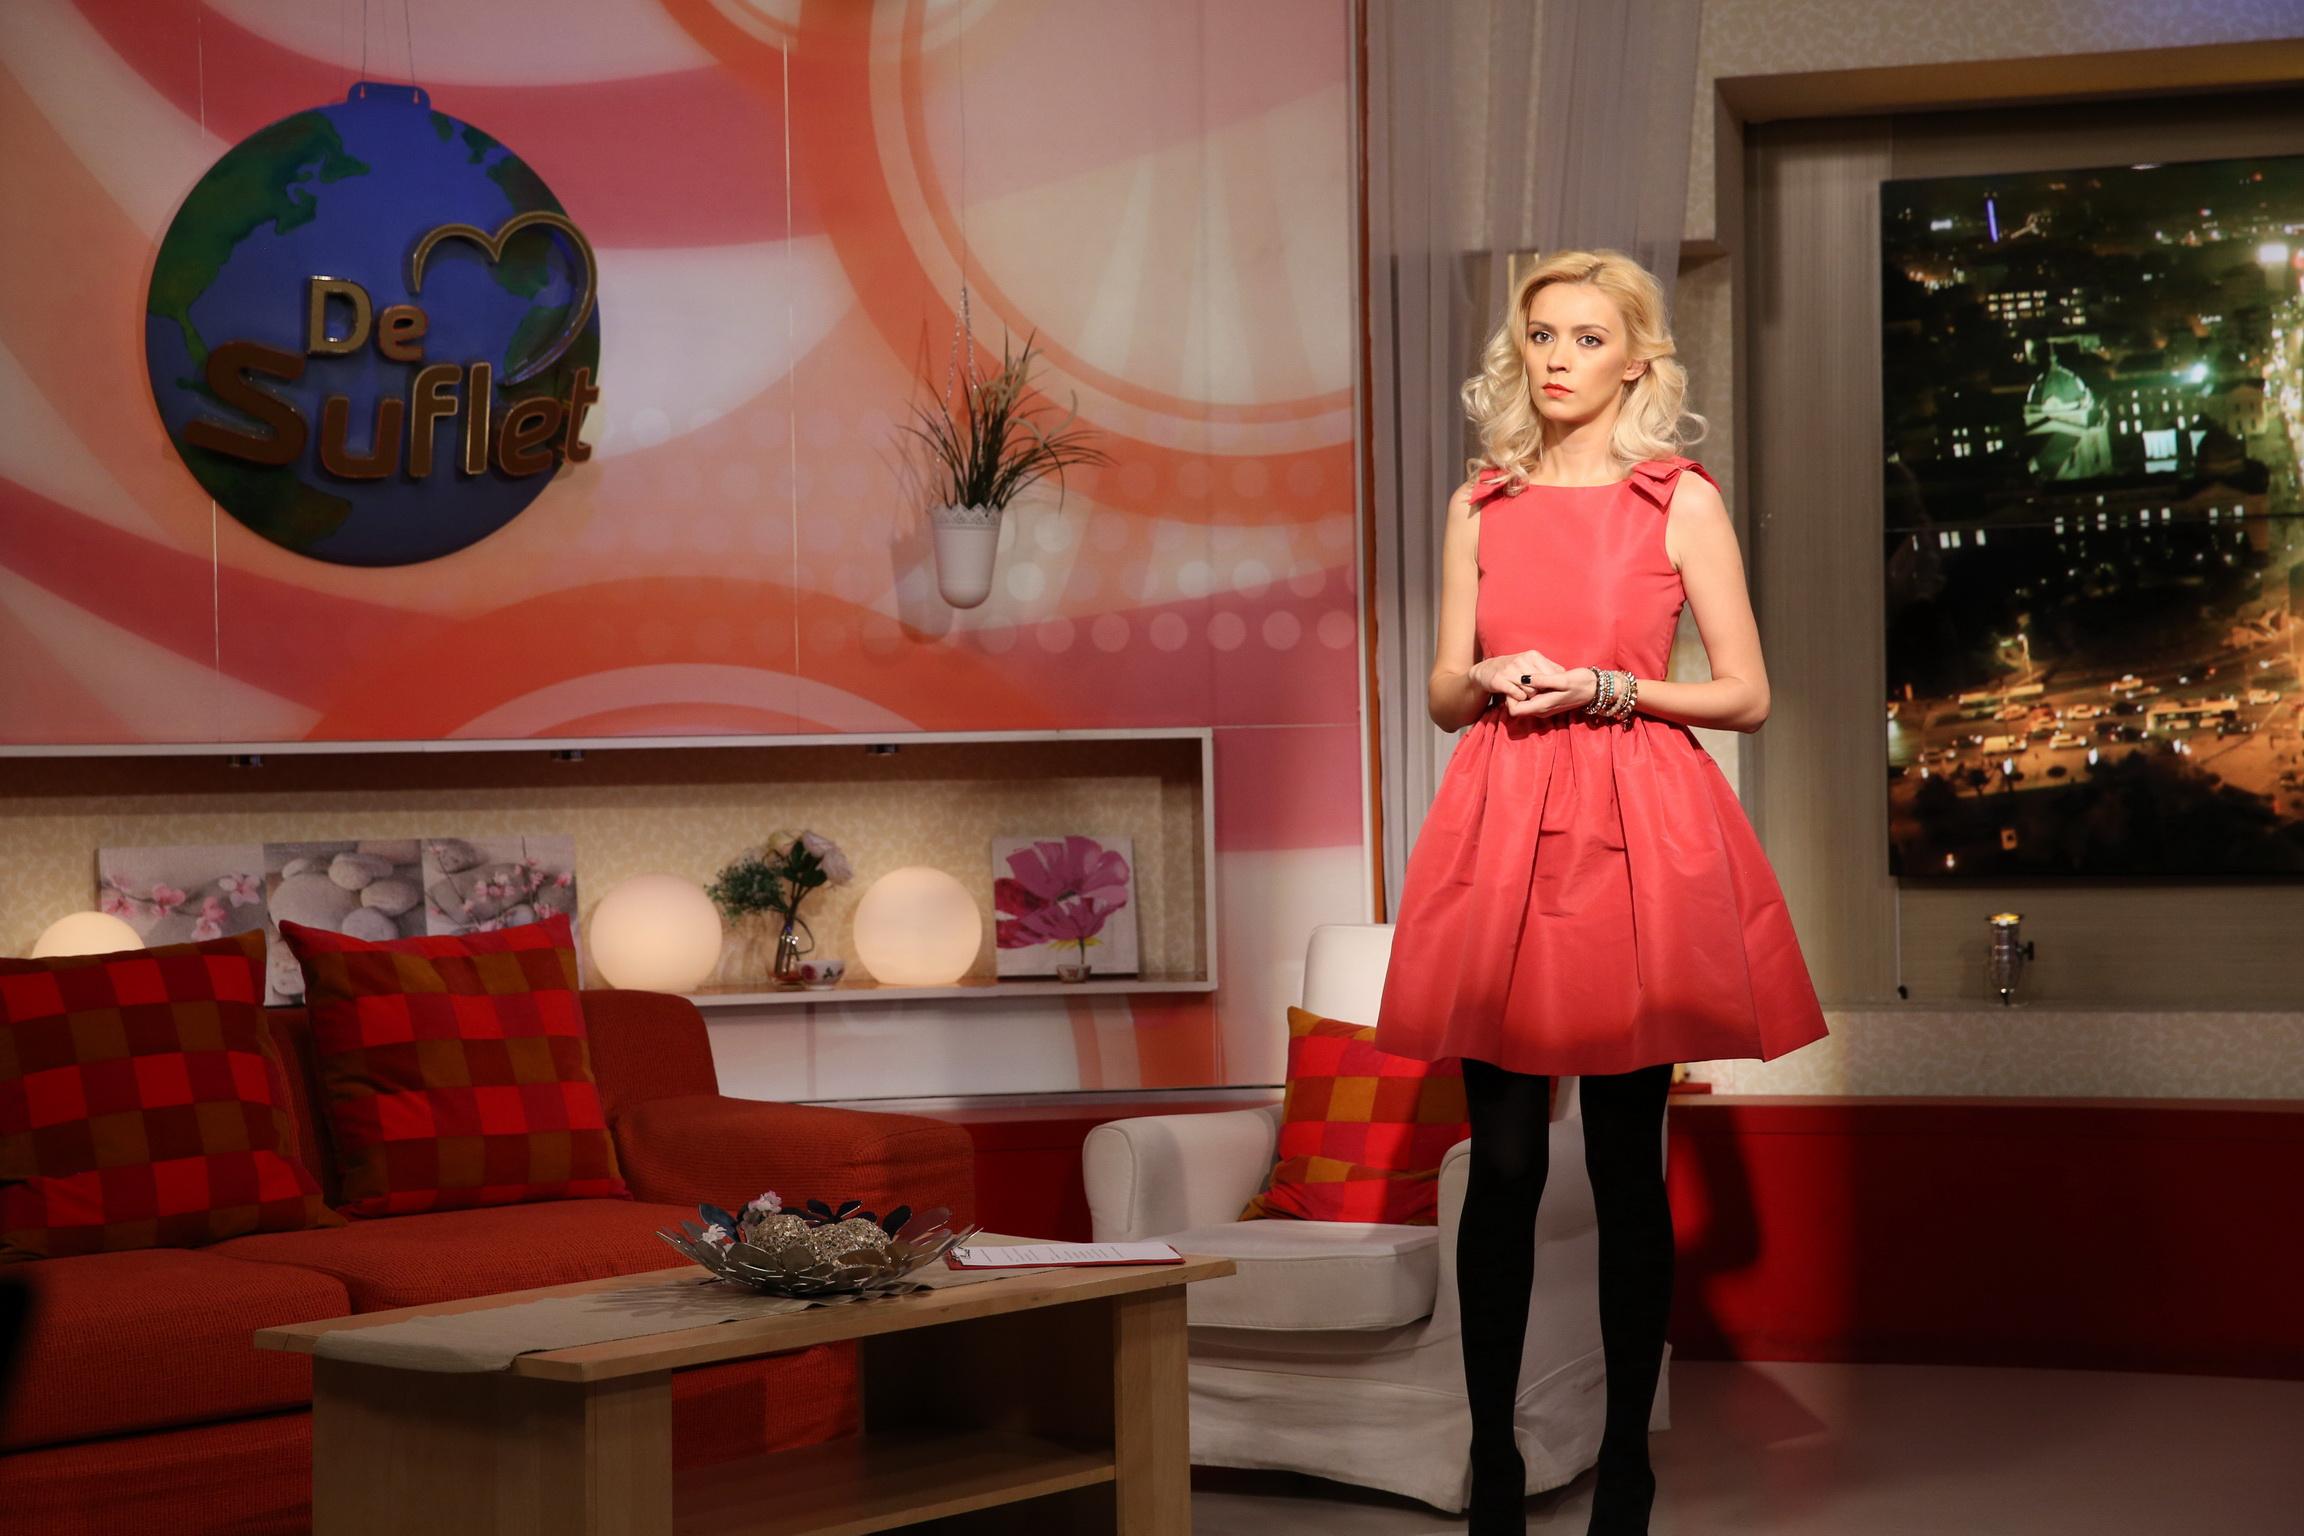 Vedeta va fi prezentatoare in locul Danei Rogoz, care va naste in curand sursa: PRO TV